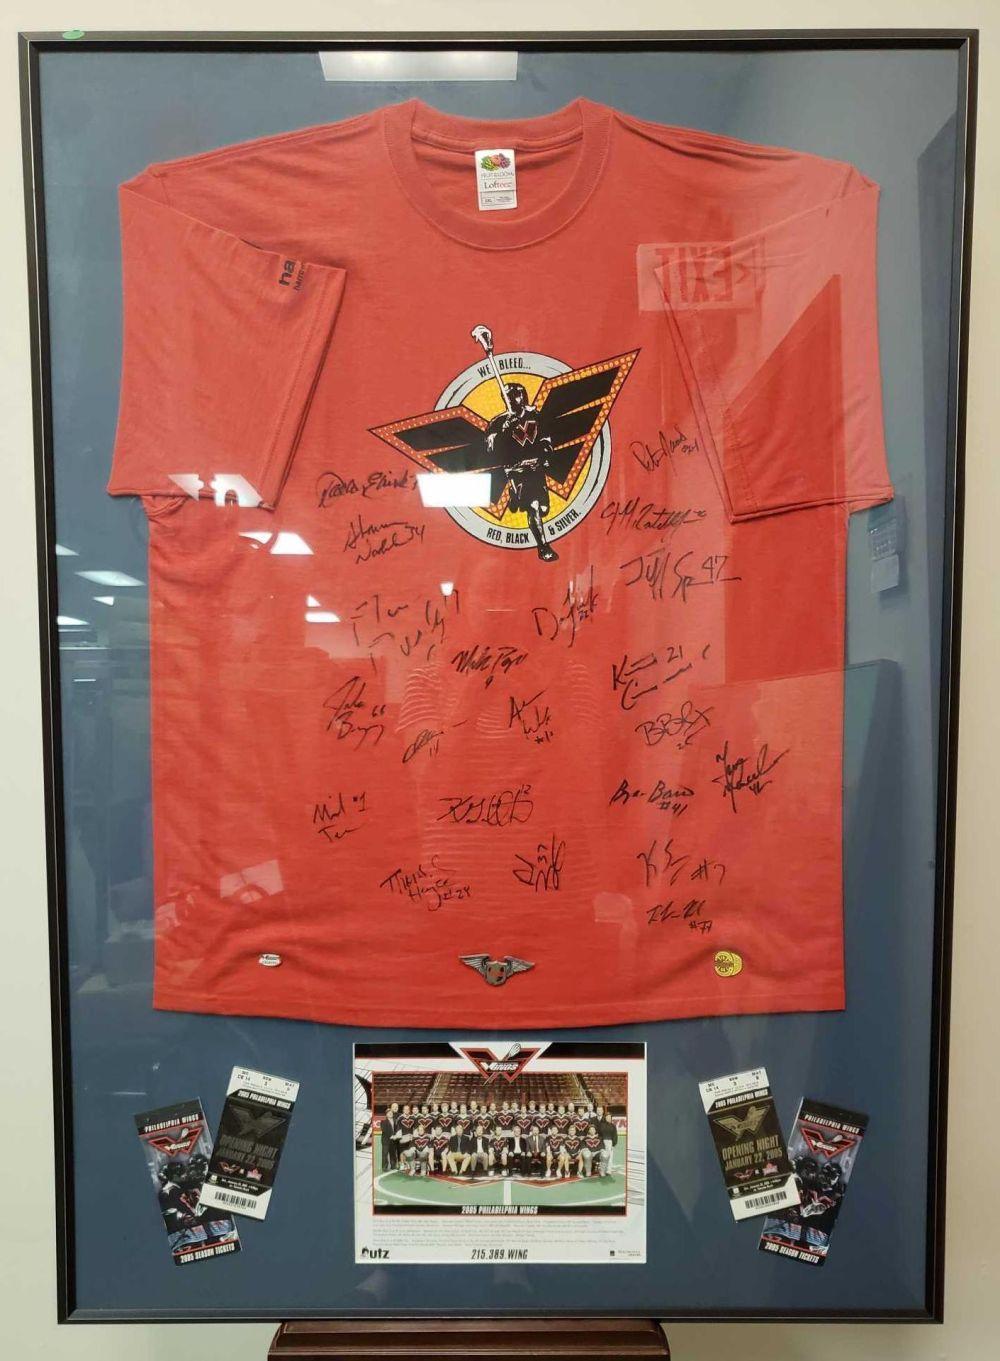 Lot 347: 2005 Philadelphia Wings Framed Signed Shirt